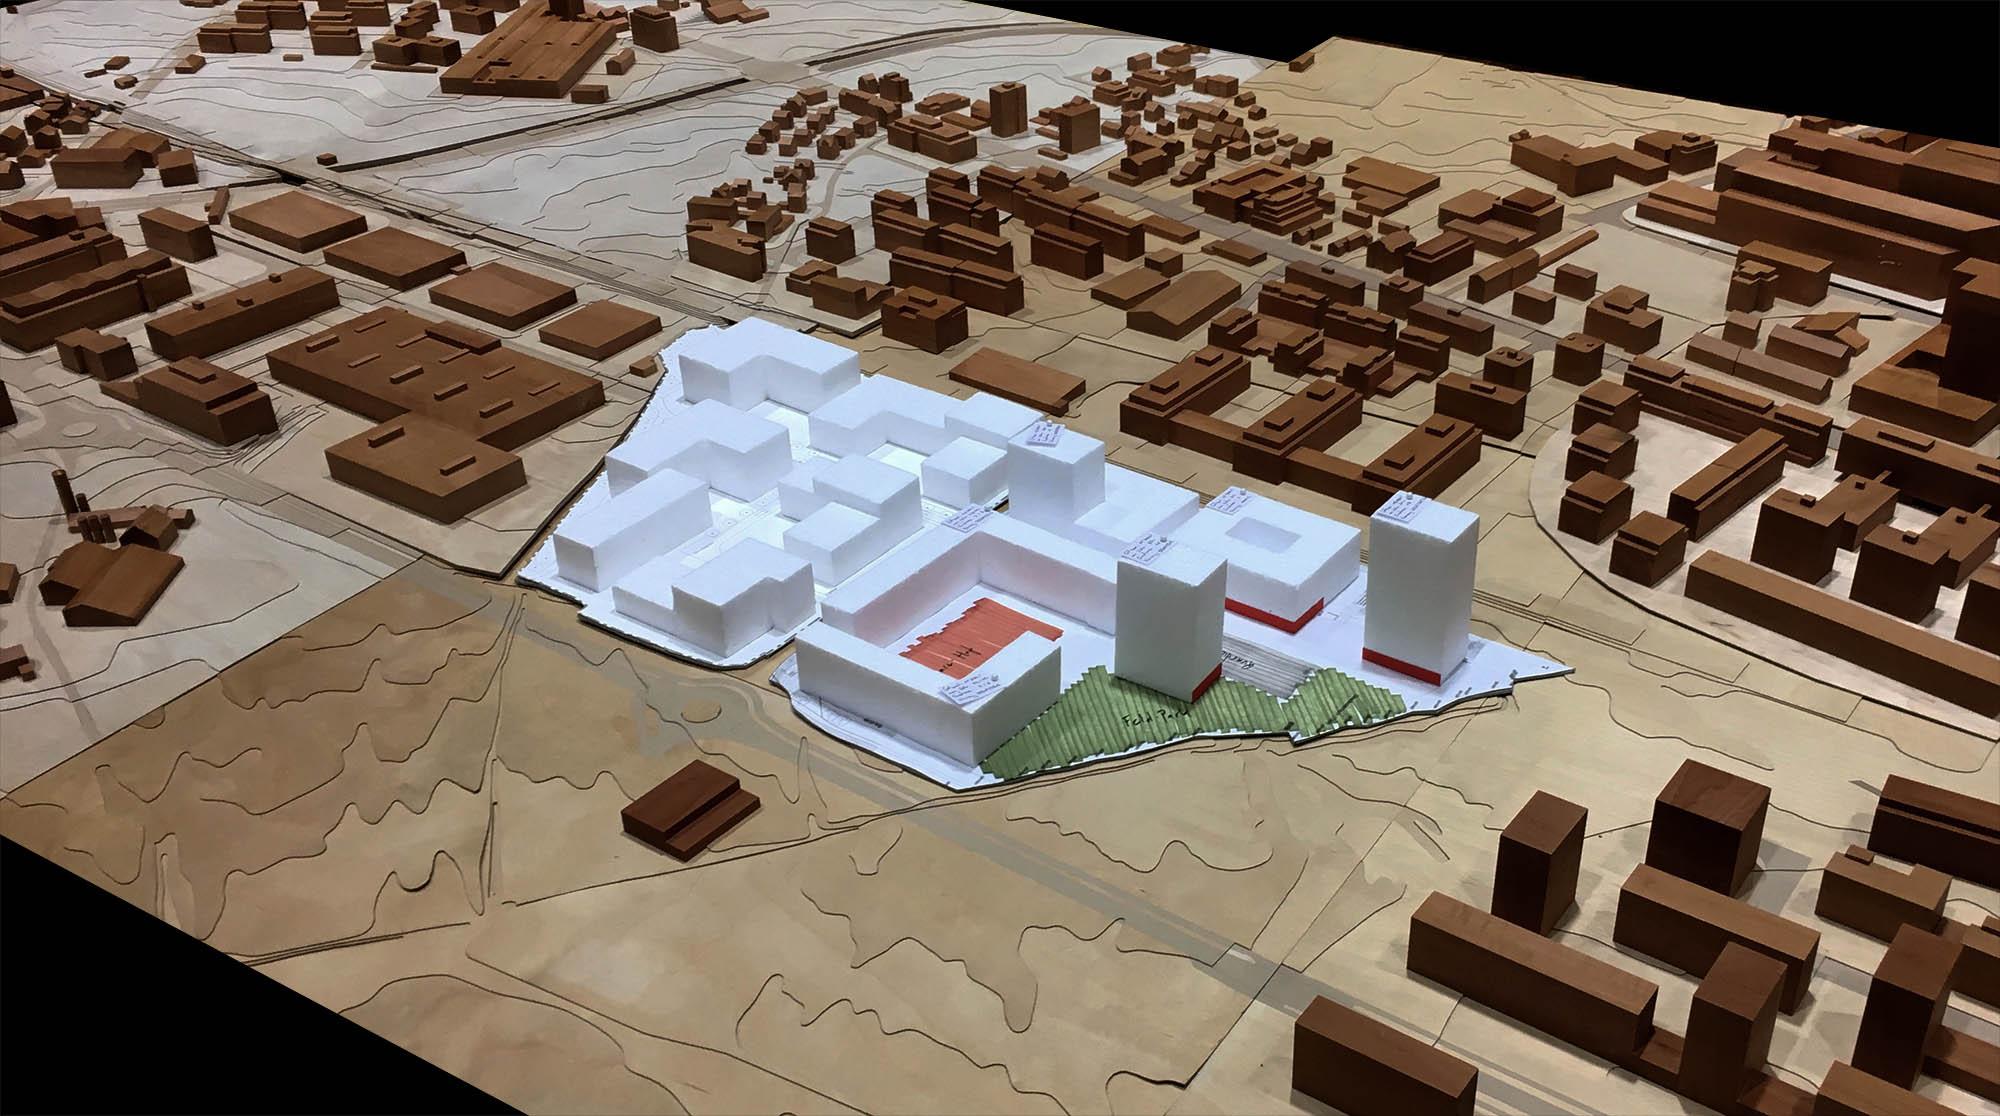 Modell der geplanten Grundstruktur